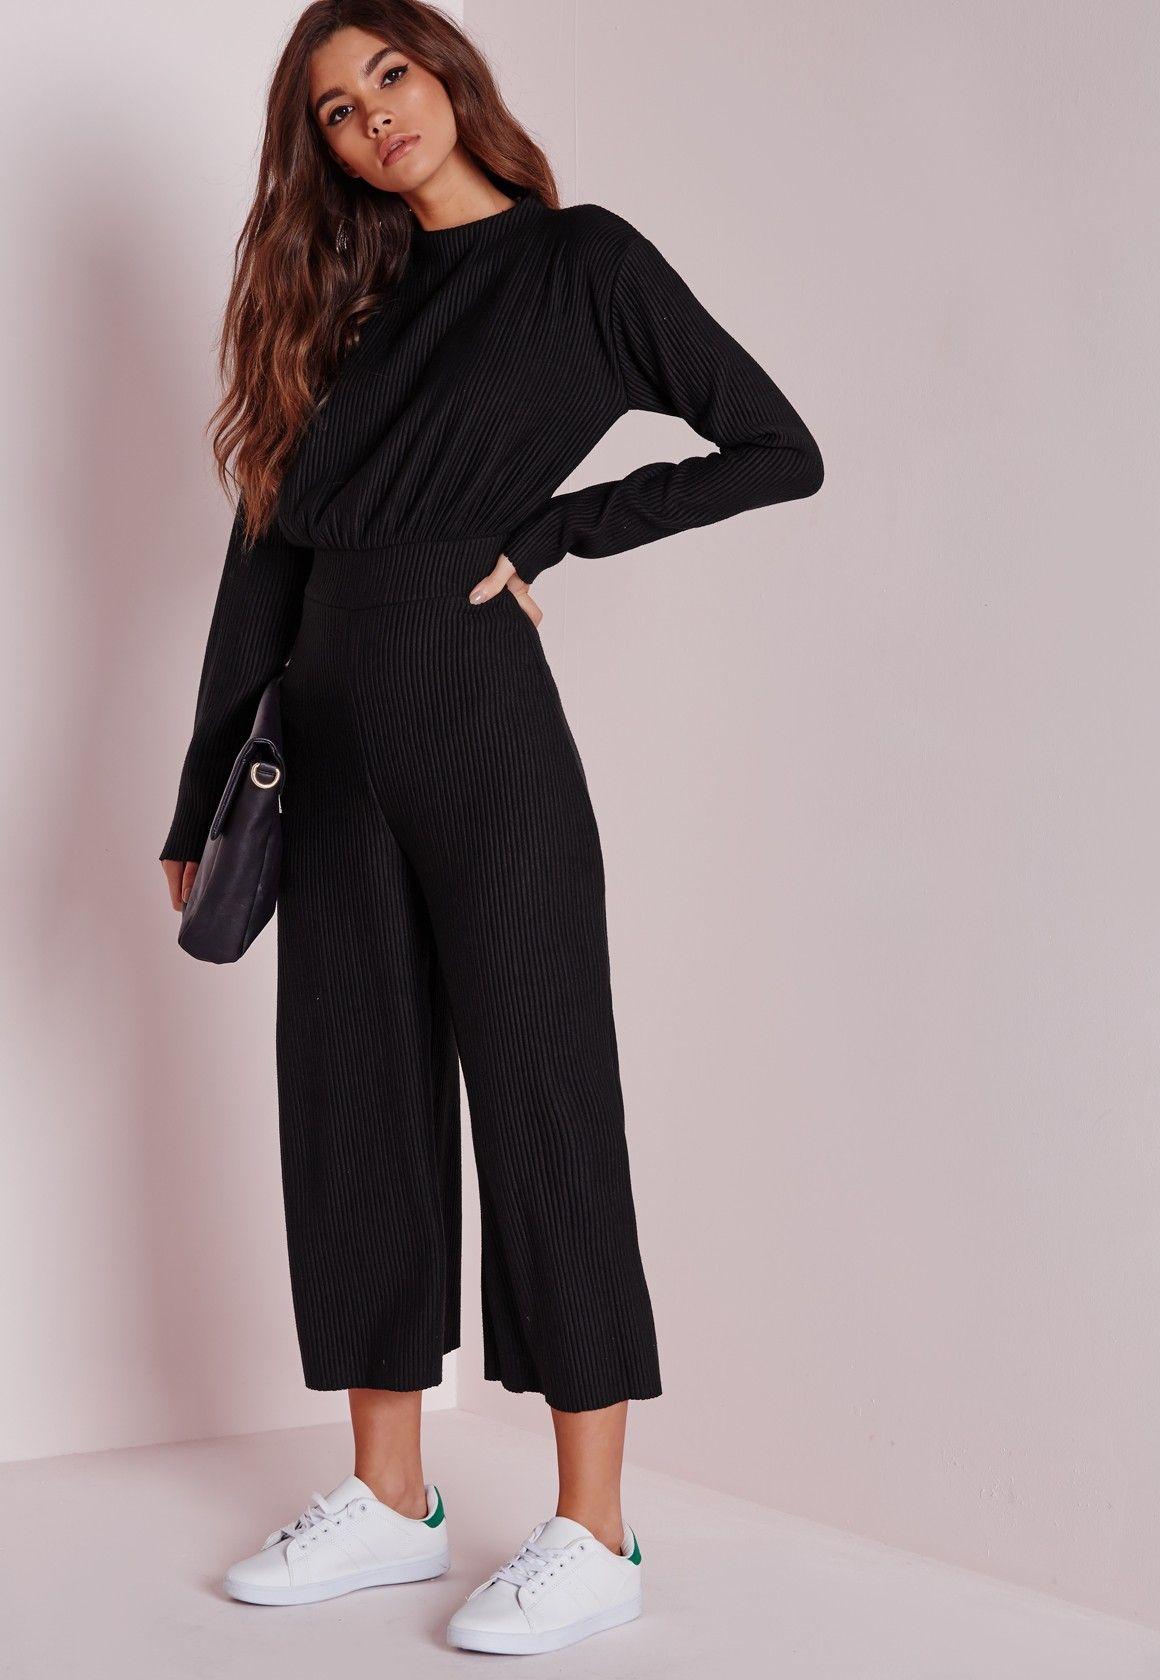 34d98de4c56 Missguided - Long Sleeve Ribbed Culotte Jumpsuit Black